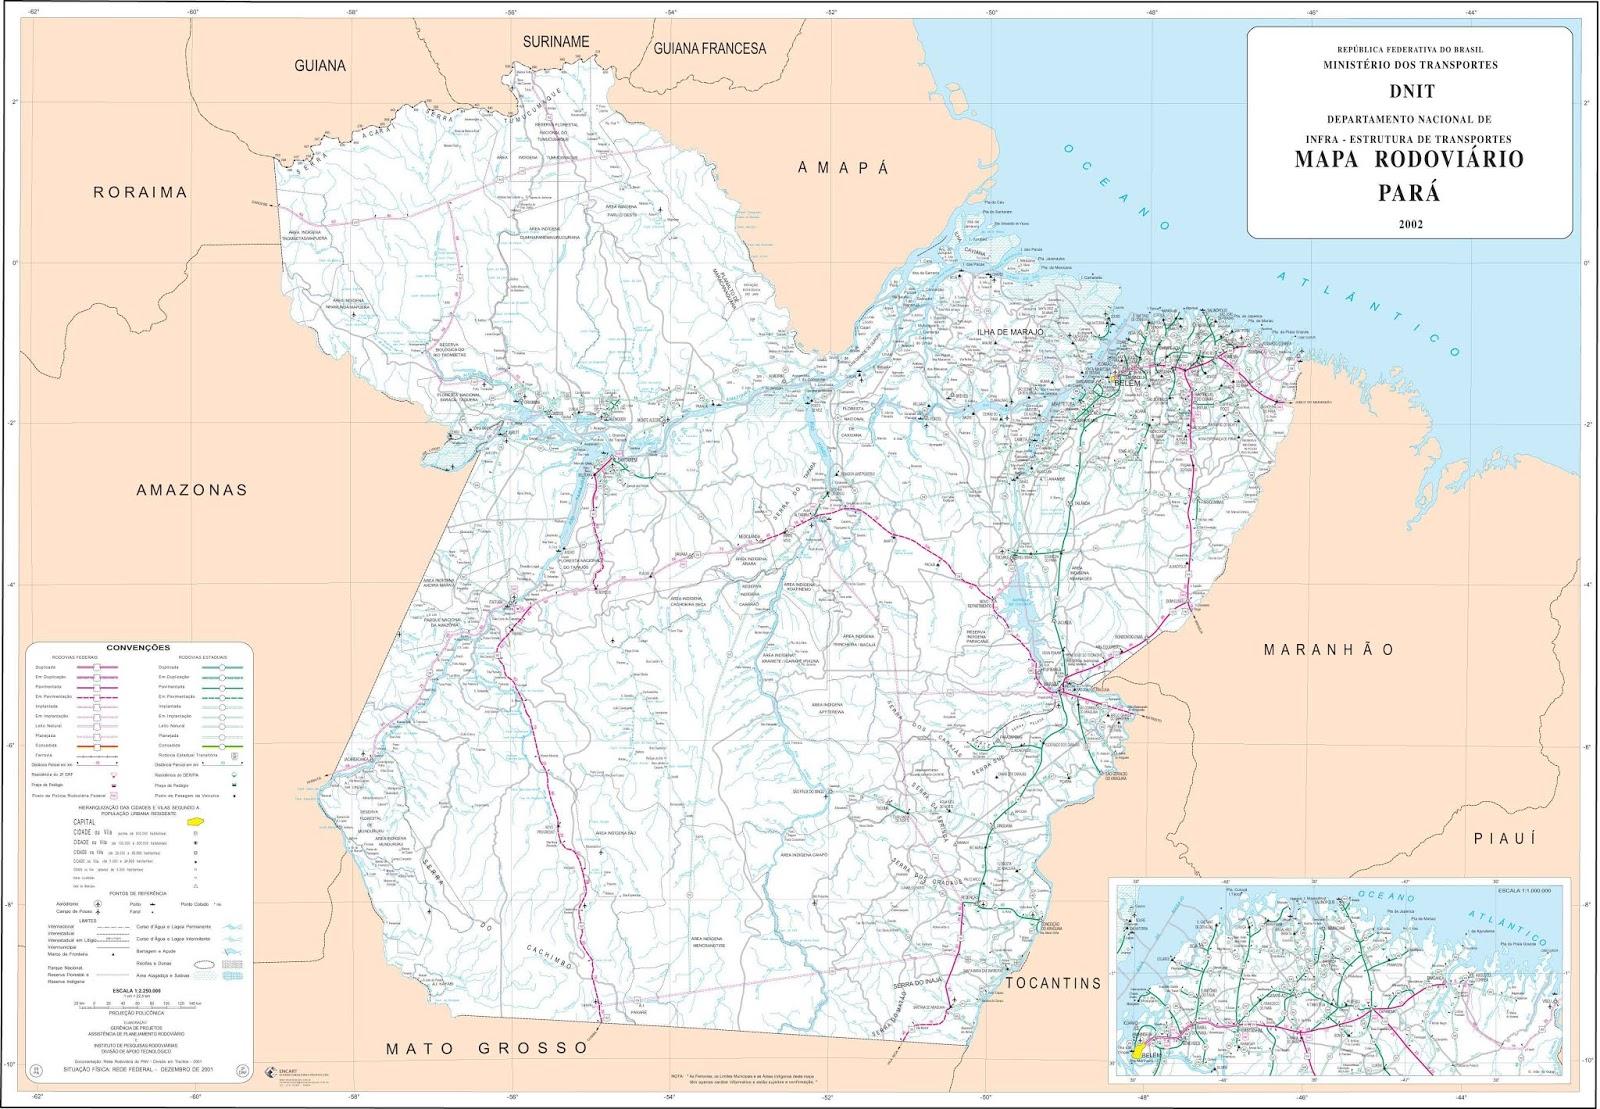 Mapas do Estado do Pará